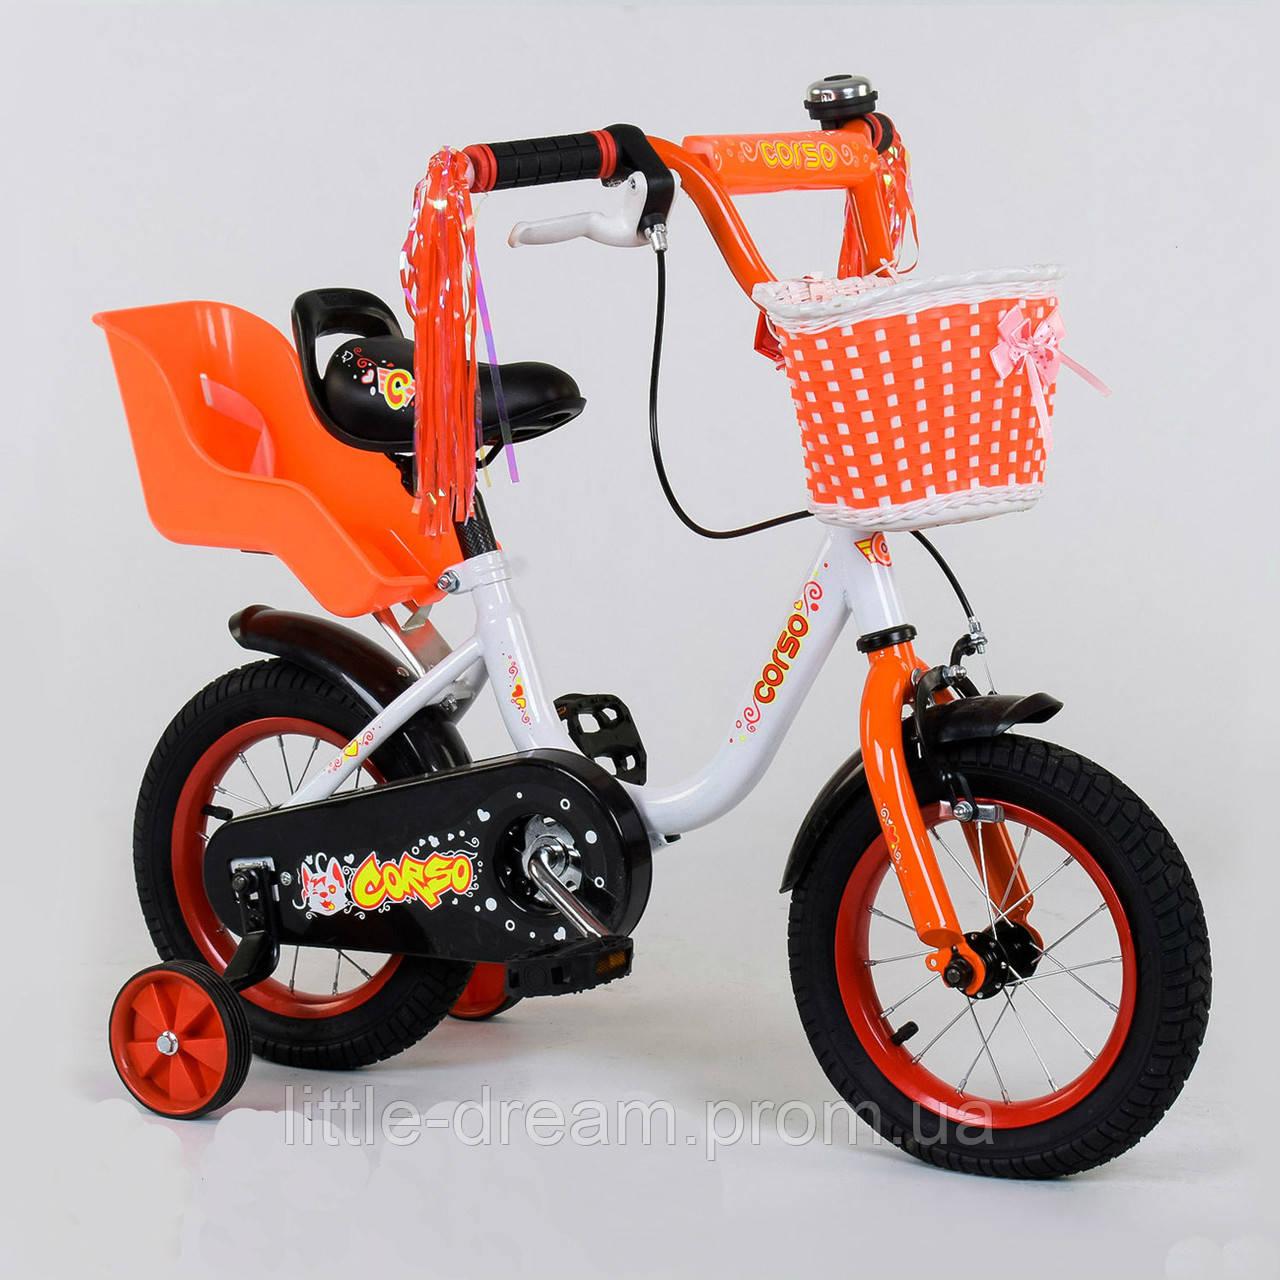 """Детский двухколёсный велосипед 12"""" с ручным тормозом и съемными страховочными колесами Corso 12-85 белый"""